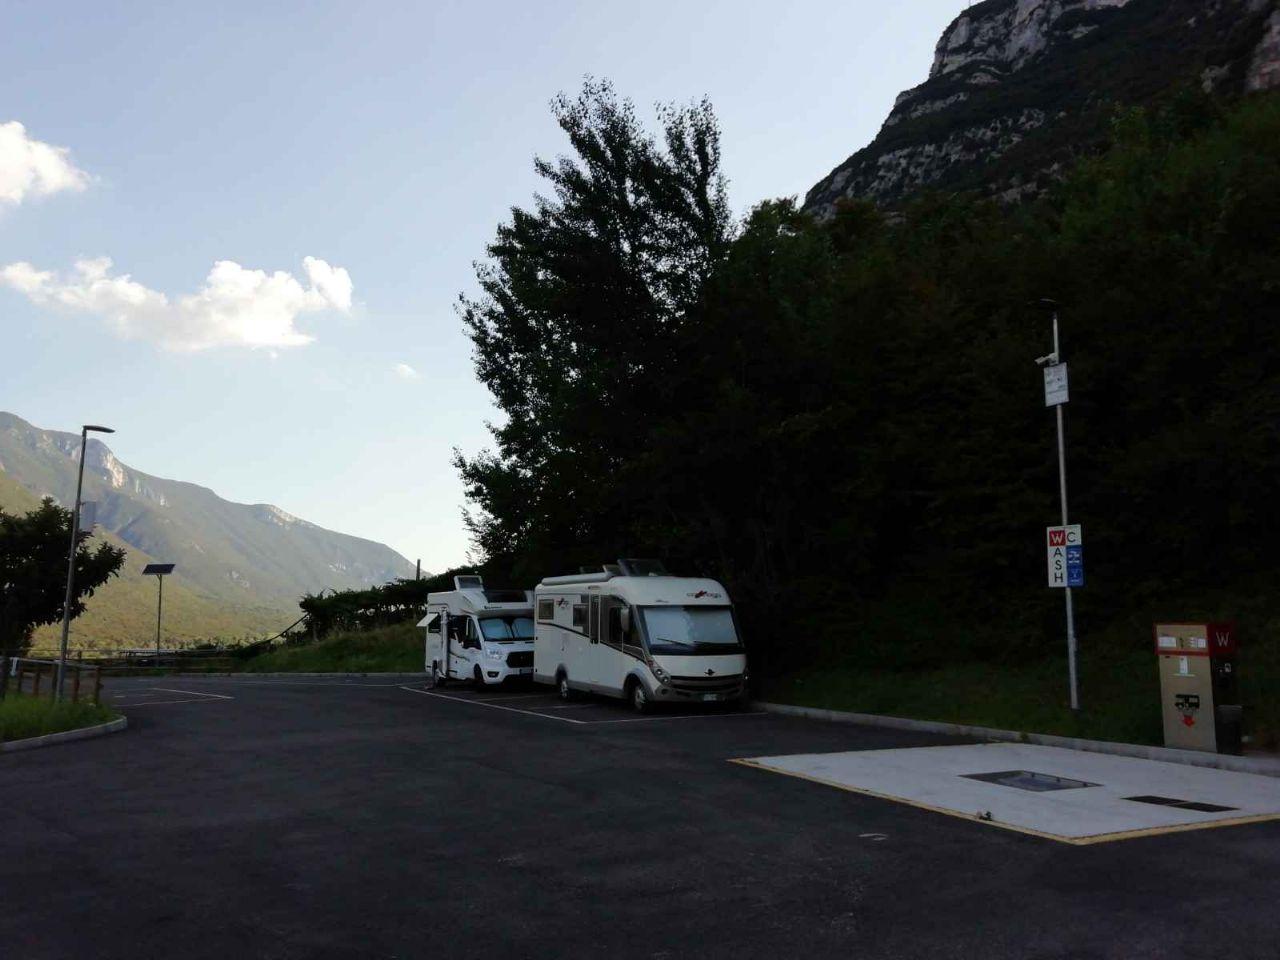 Italia - Italy - Casale Management - Travel - Veneto - Ferrara di Monte Baldo - Verona - Lago di Garda - Santuario Madonna della Corona - Area Sosta Camper Brentino Belluno